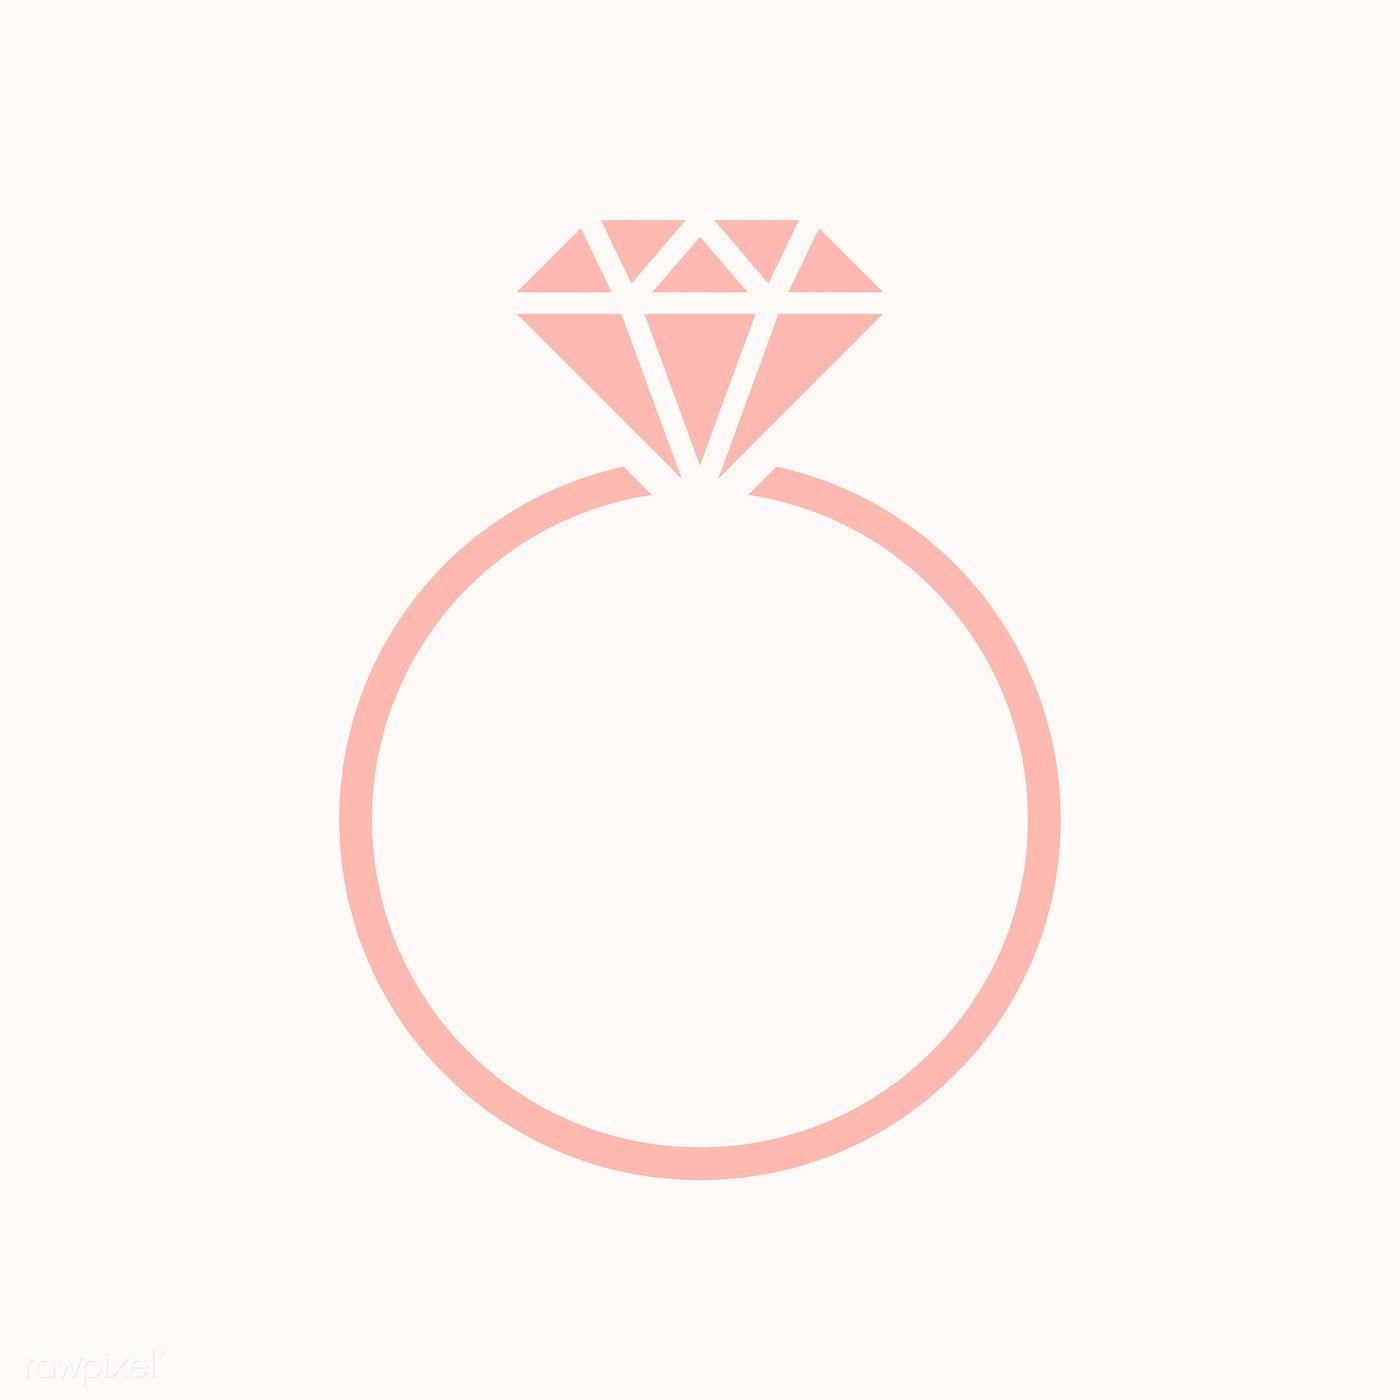 Diamond Wedding Ring Graphic Illustration Free Image By Rawpixel Com Manotang Wedding Ring Graphic Wedding Ring Illustrations Wedding Ring Logo